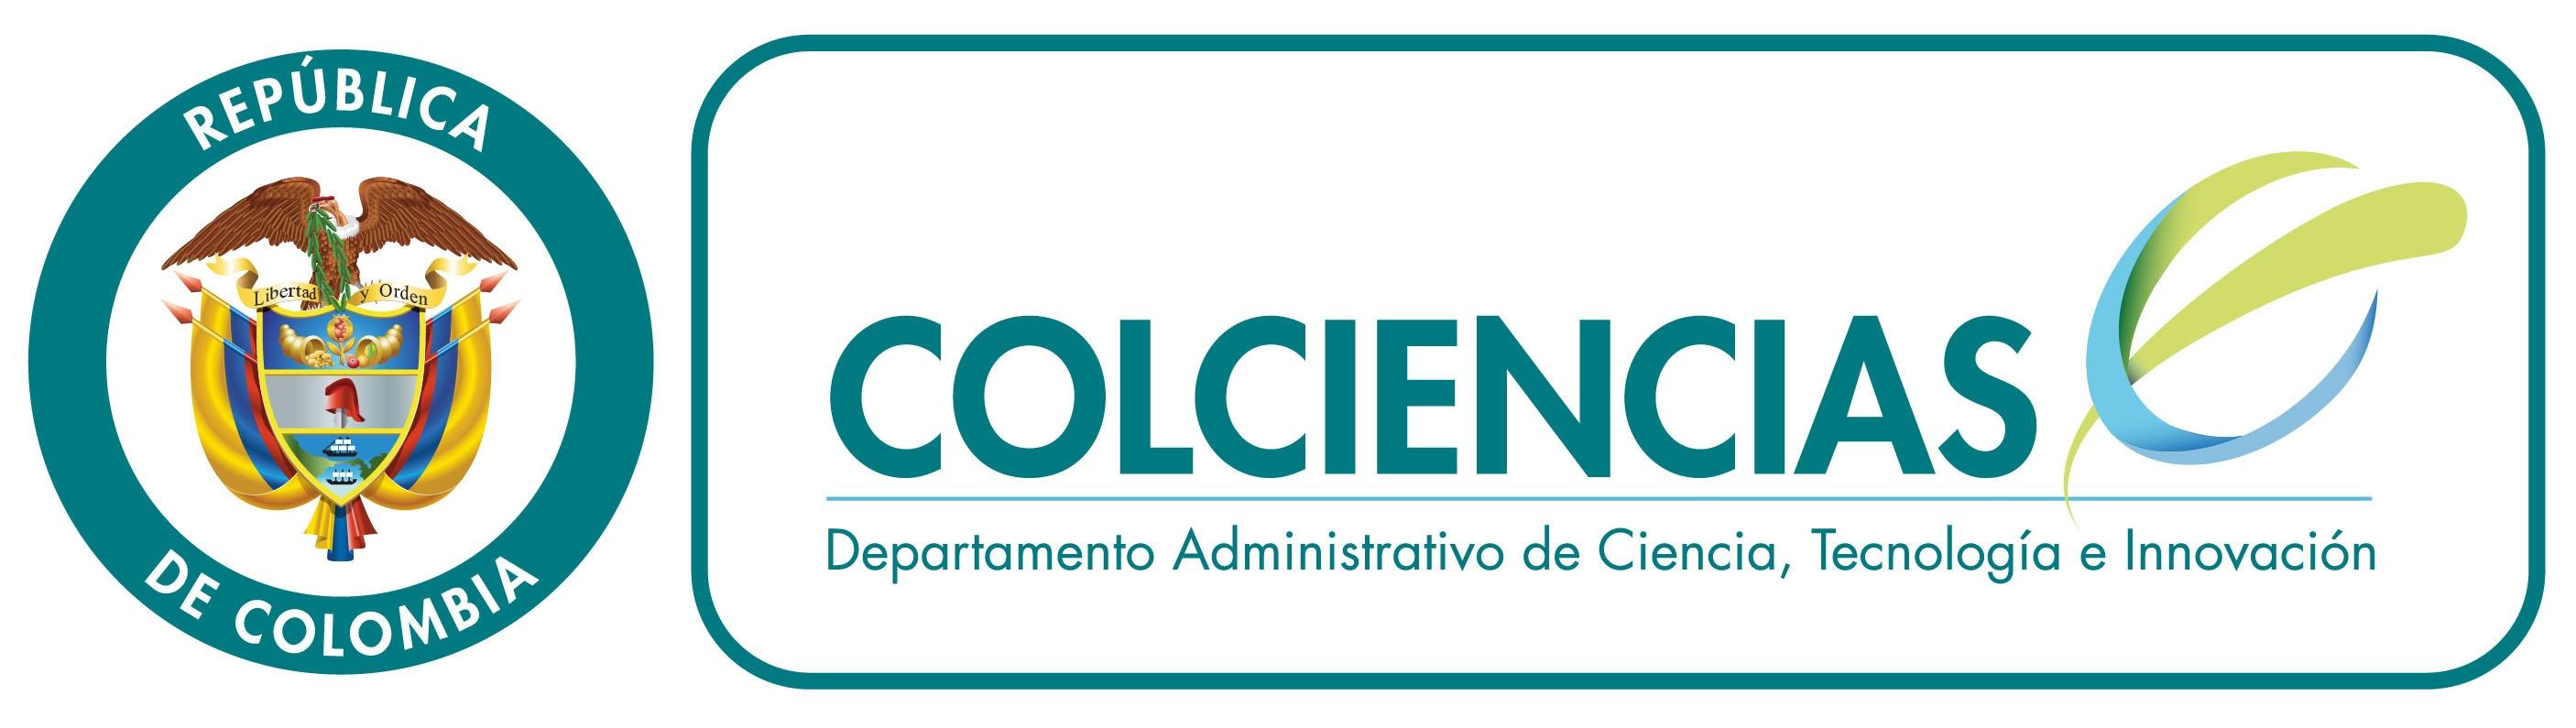 Resultado de imagen para colciencias logo